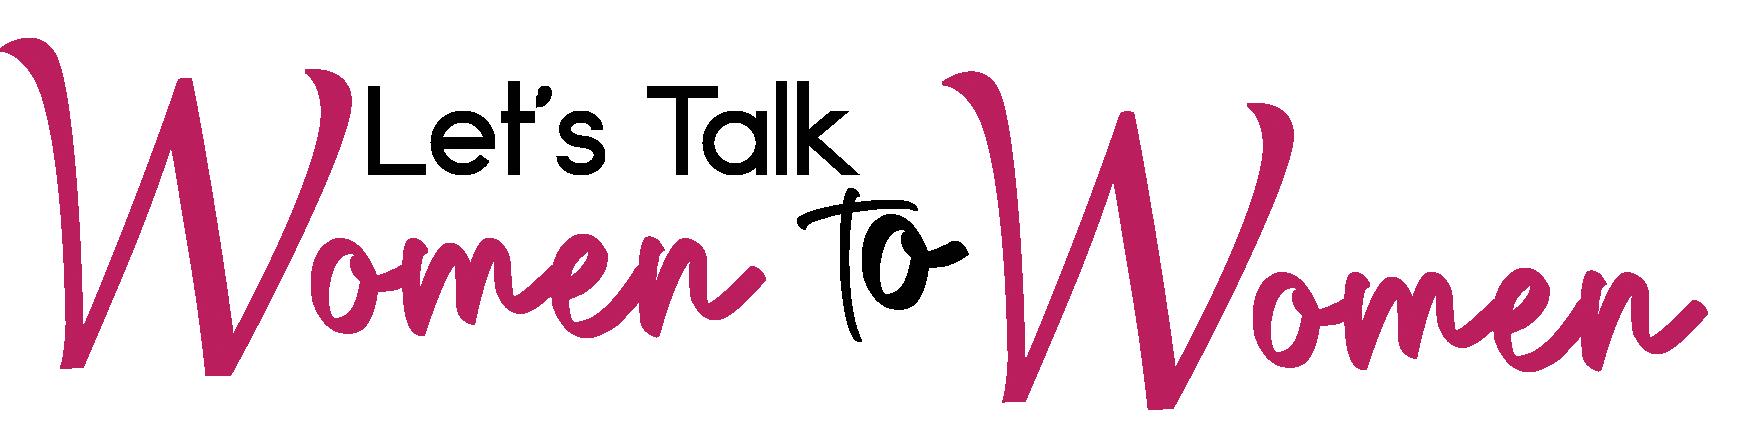 Women to Women Speaking Series Logo